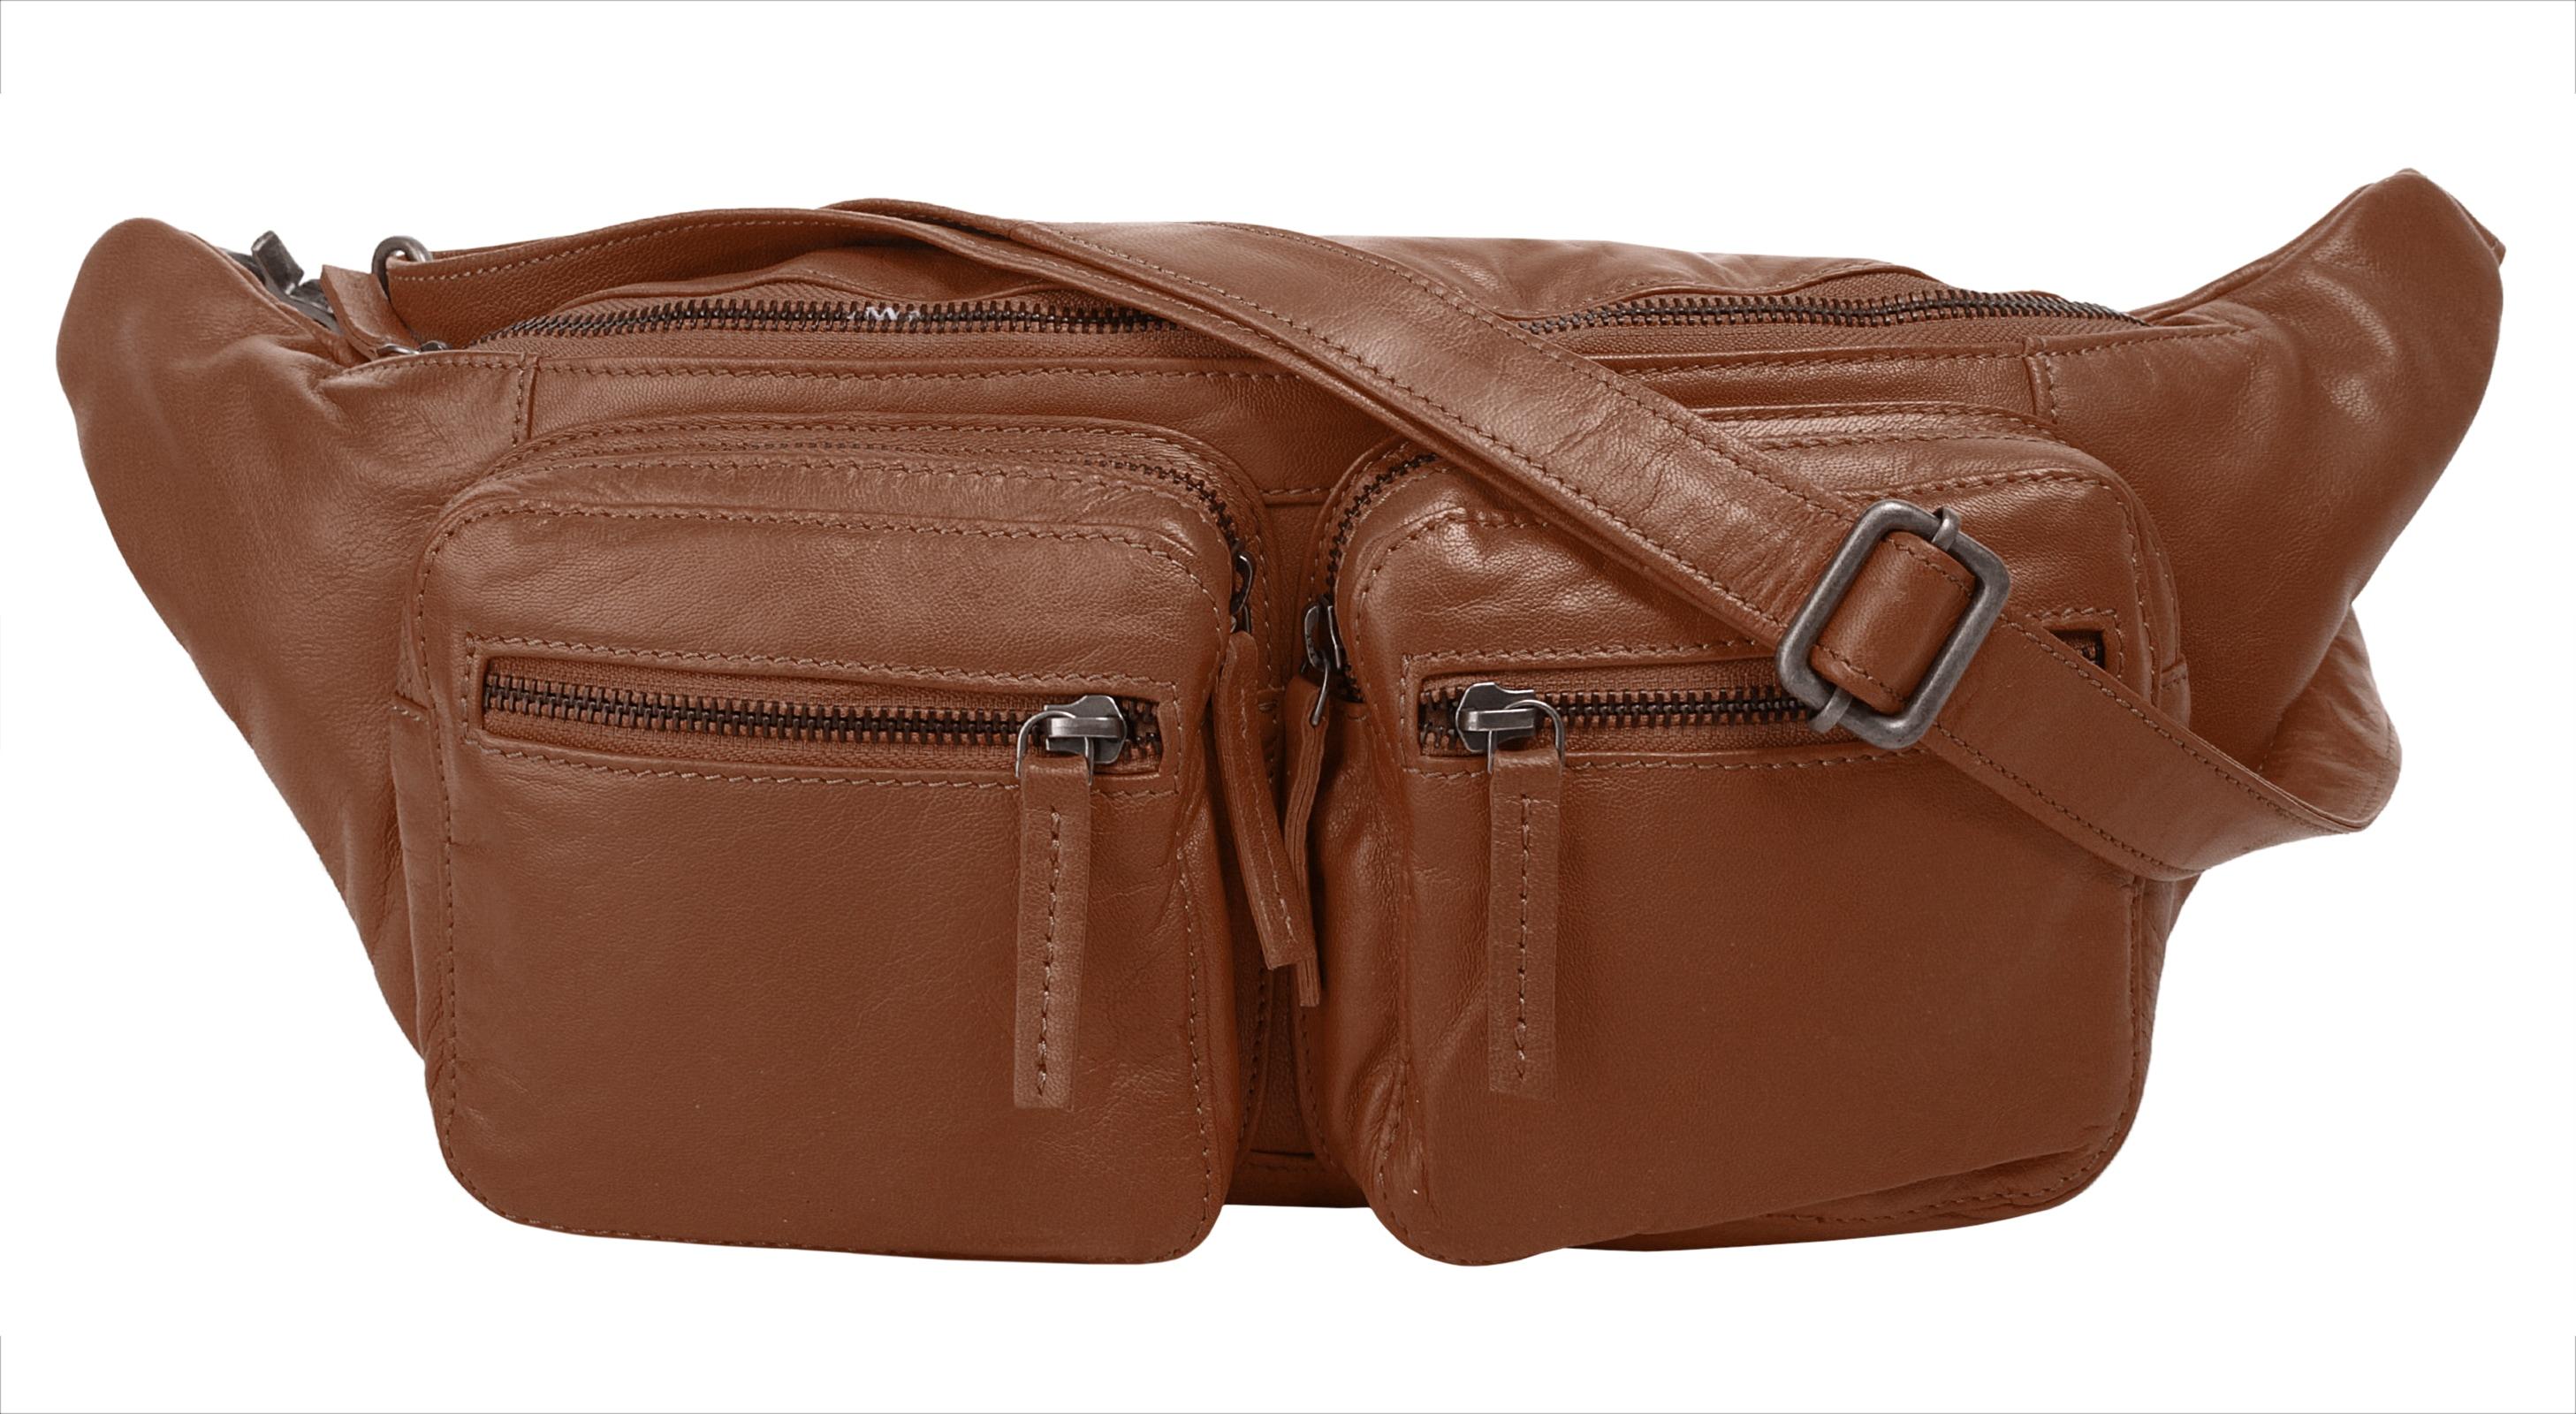 WouWou Gürteltasche braun Damen Handtaschen Taschen